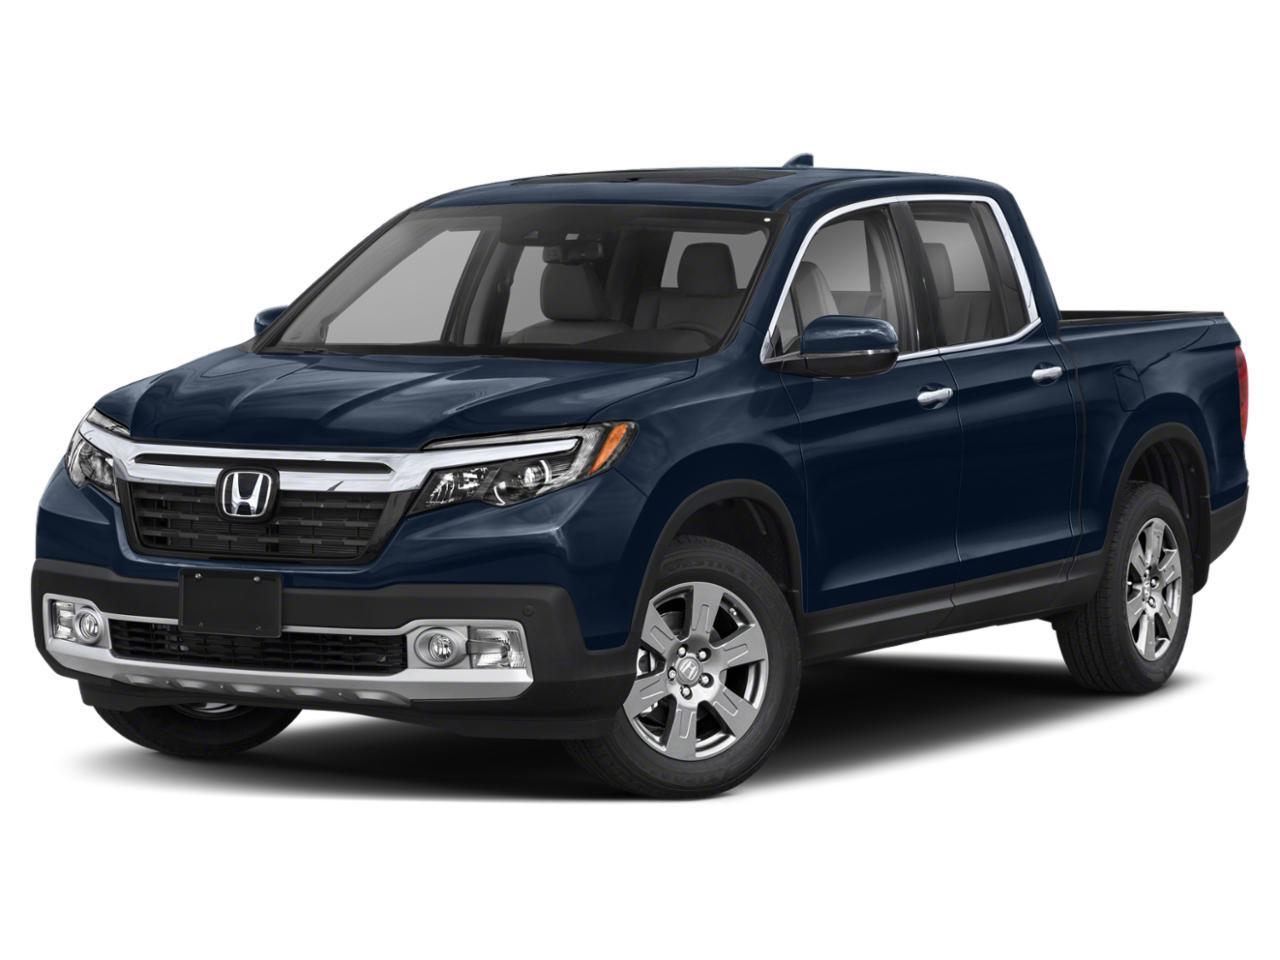 2020 Honda Ridgeline Vehicle Photo in Oshkosh, WI 54904